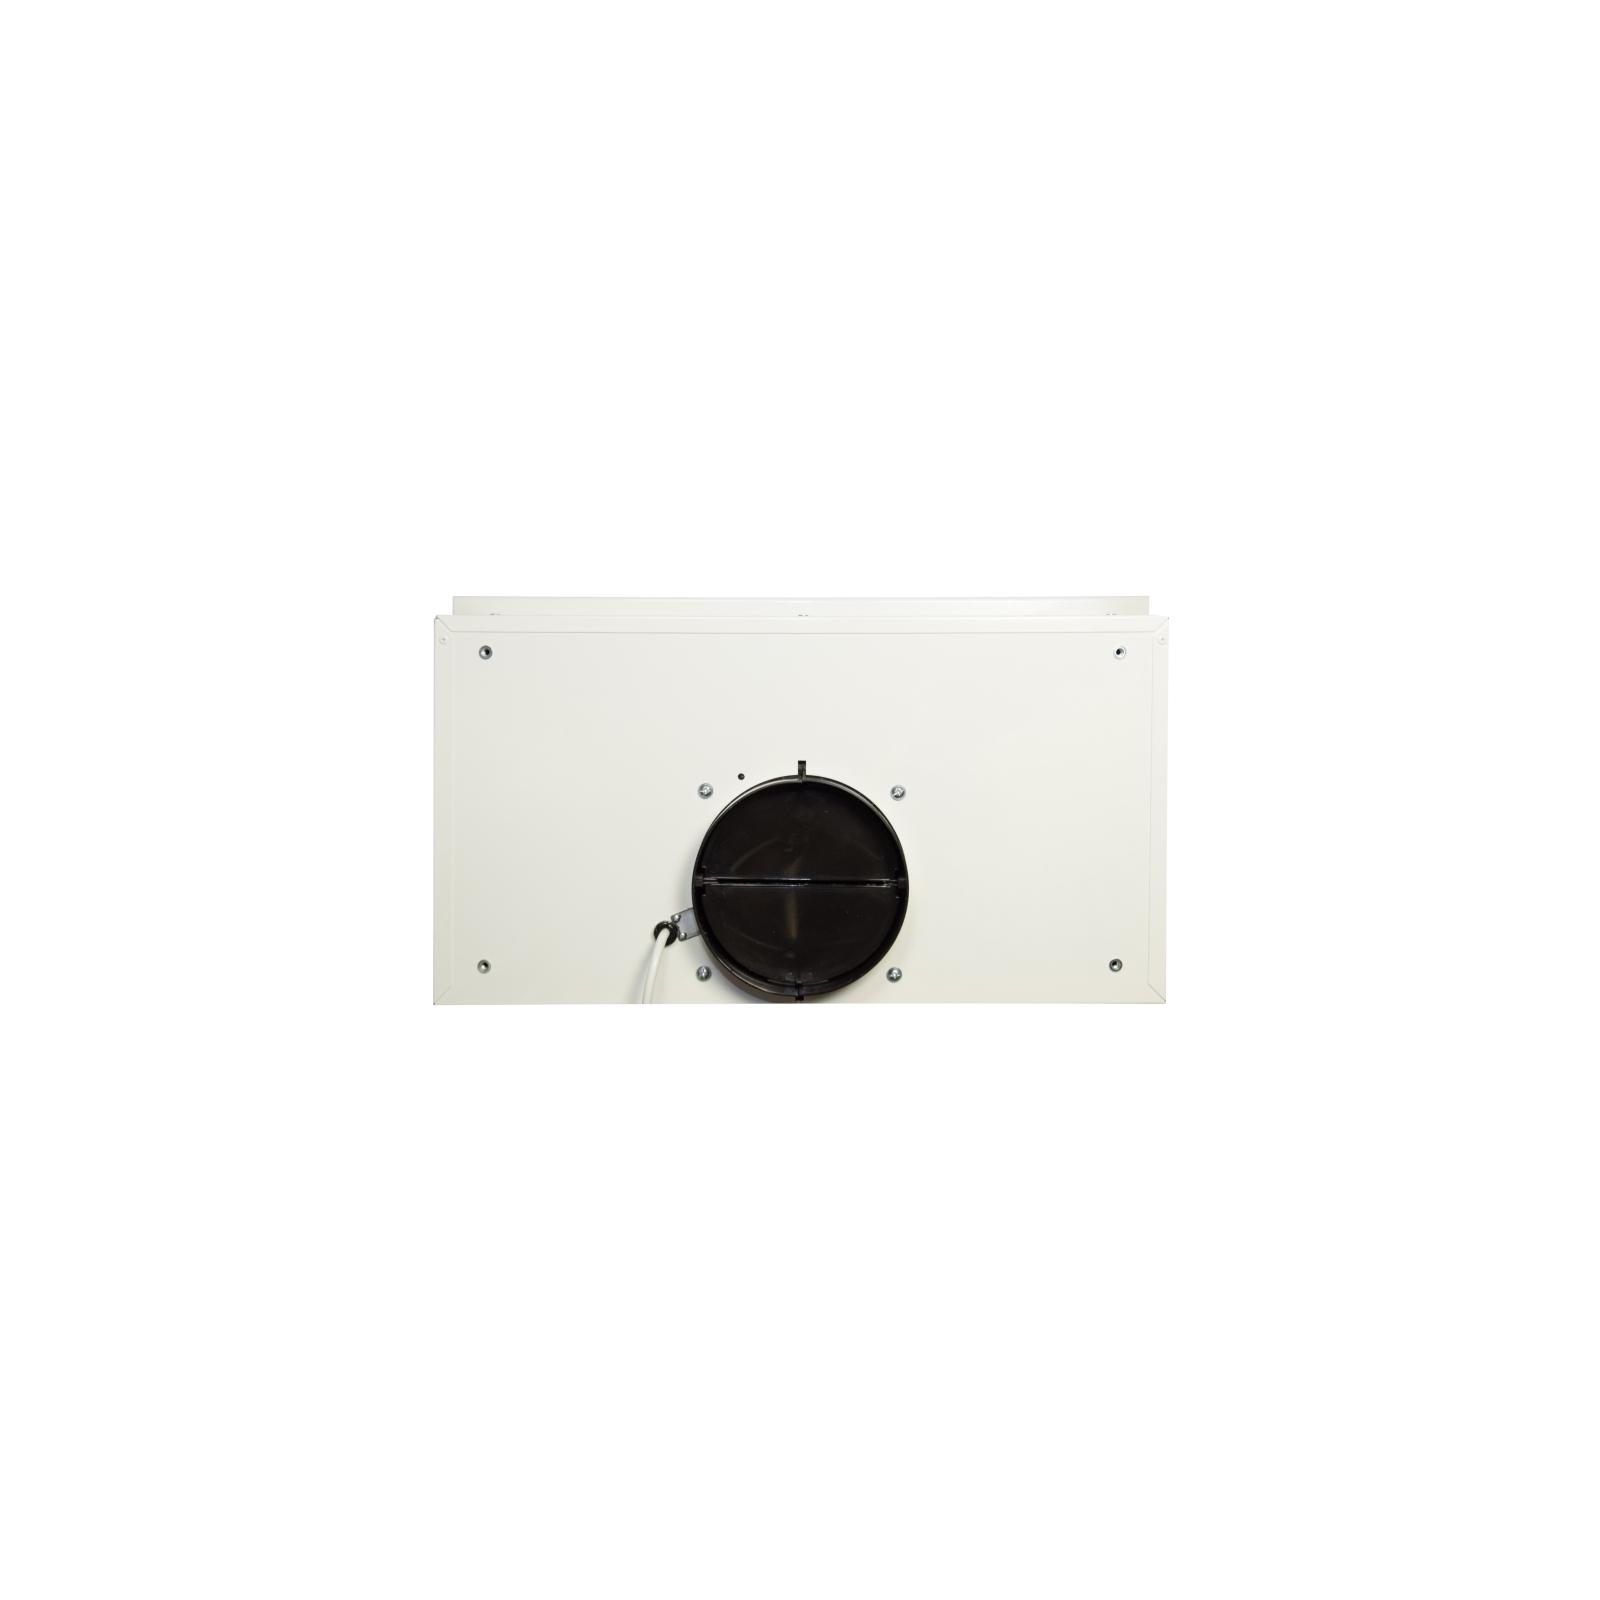 Вытяжка кухонная ELEYUS Storm 1200 LED 60 WH изображение 6